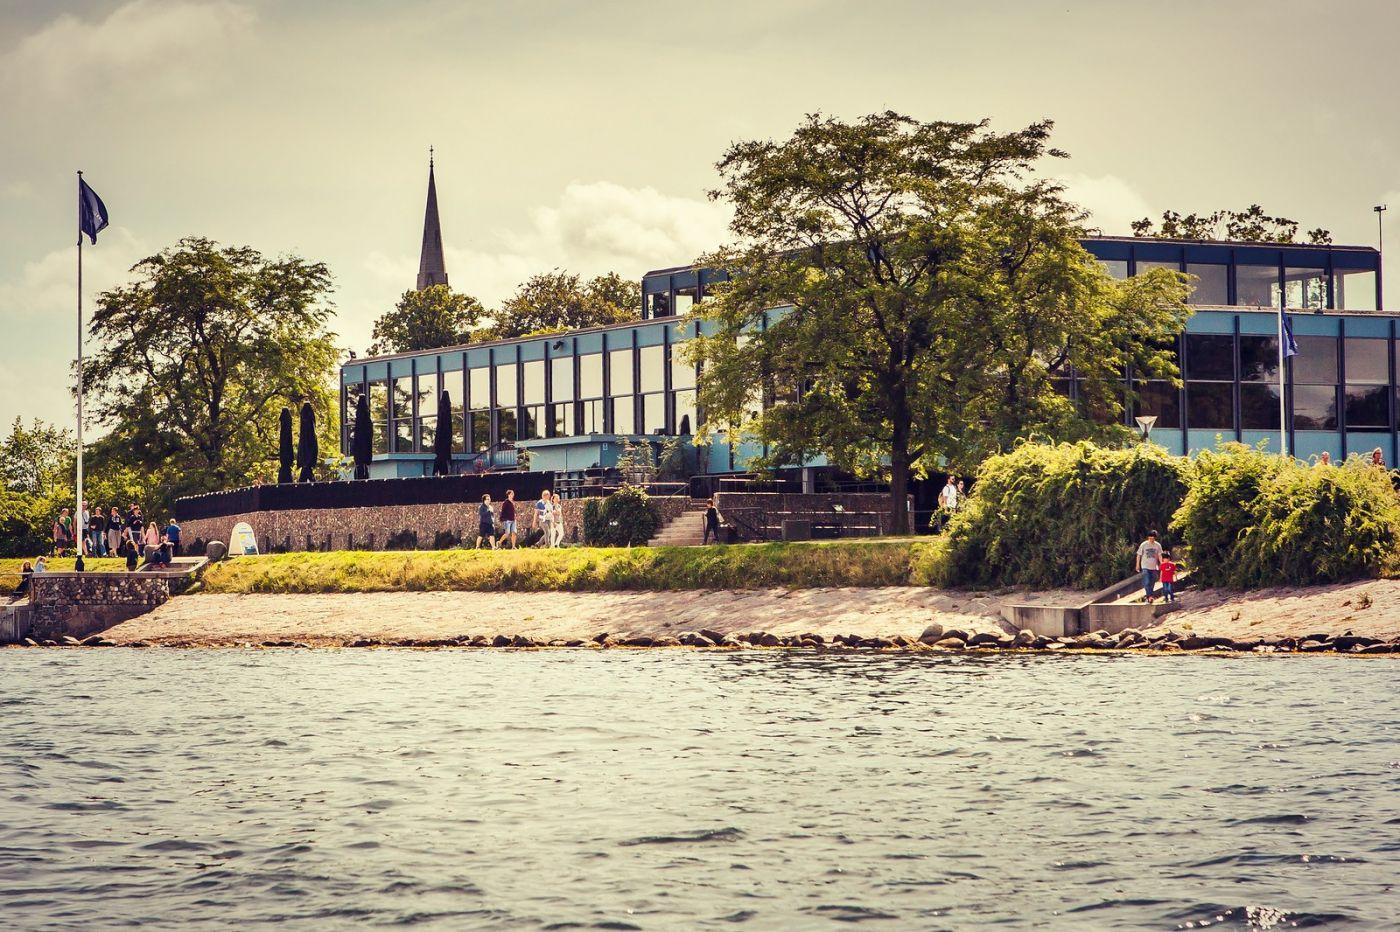 丹麦哥本哈根,新旧融合的城市_图1-16